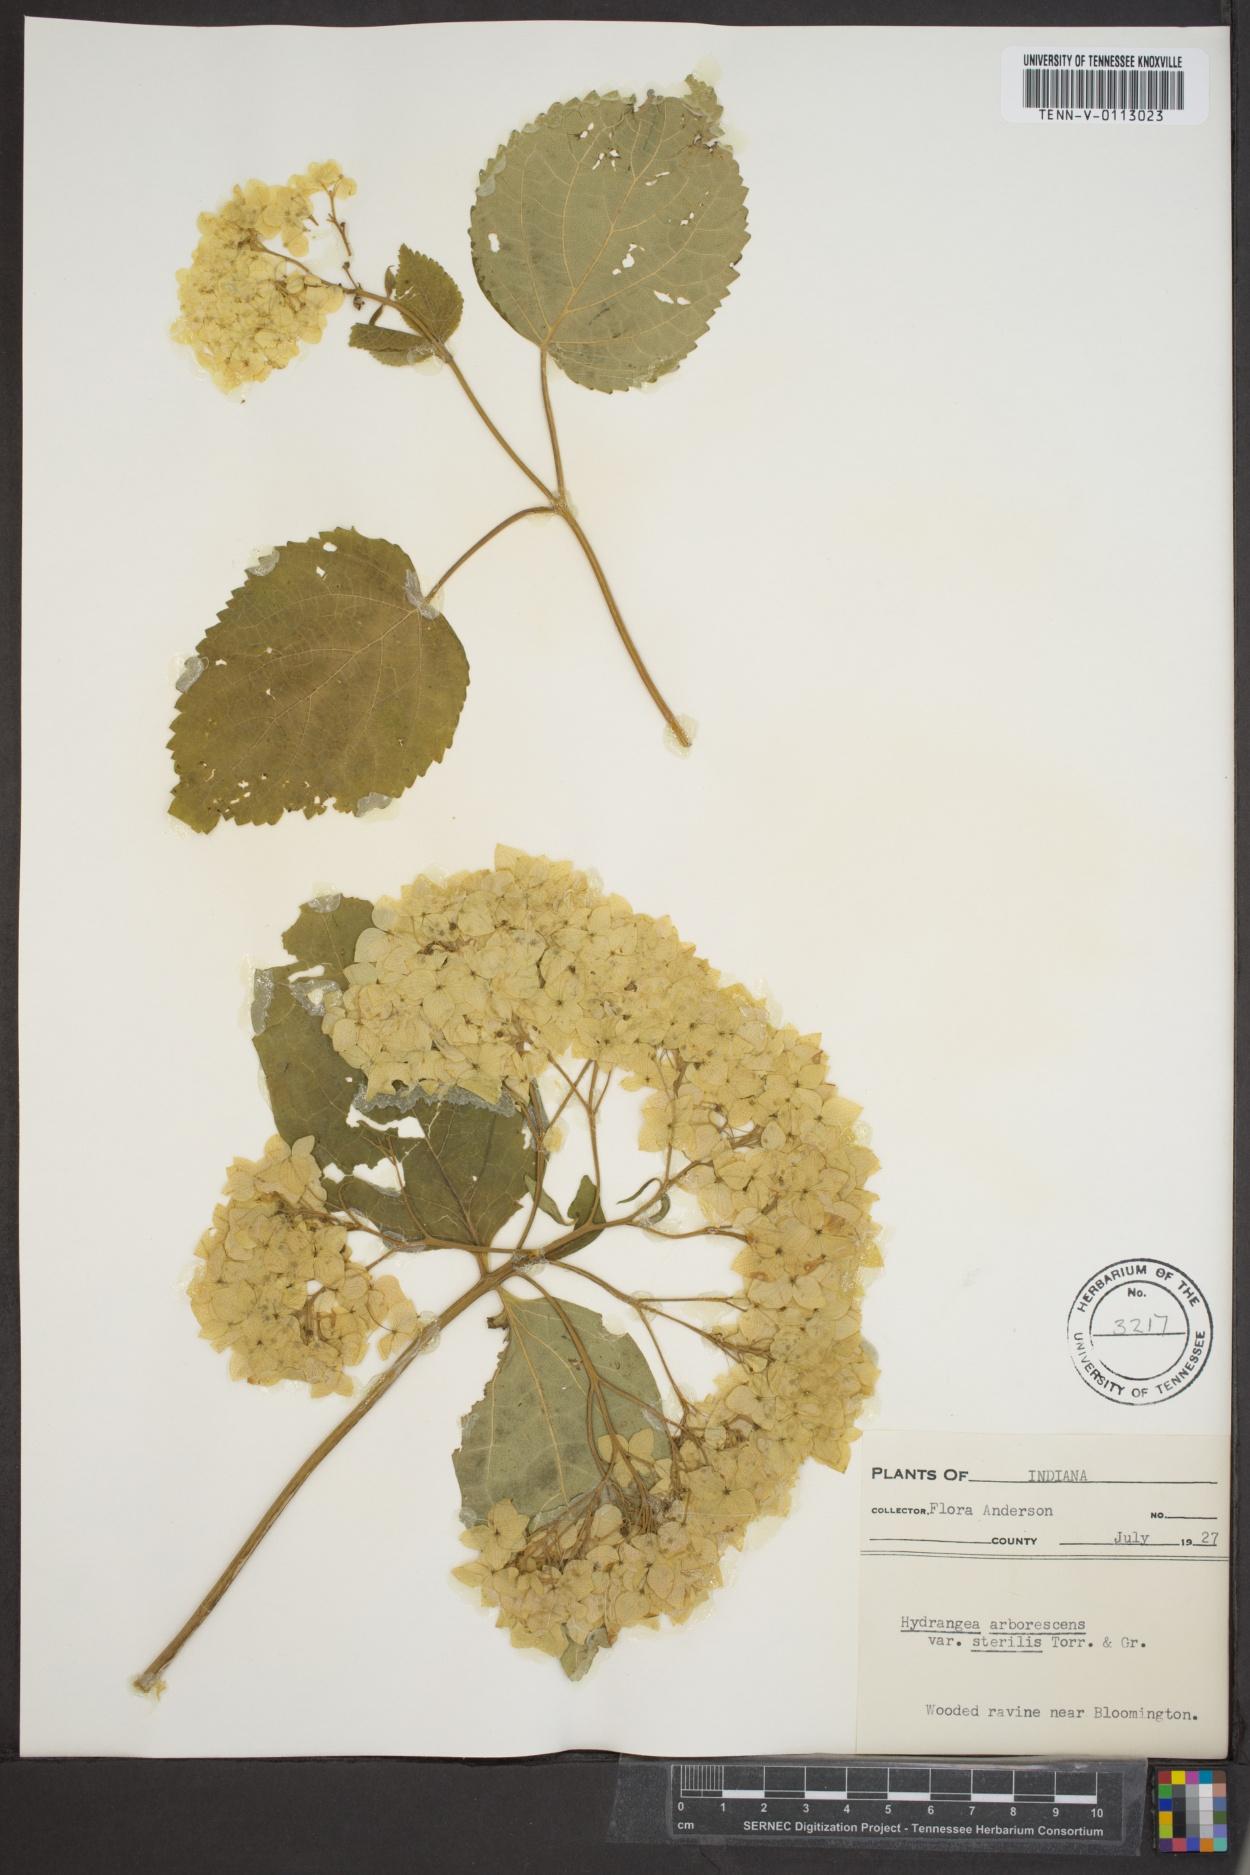 Hydrangea arborescens var. sterilis image